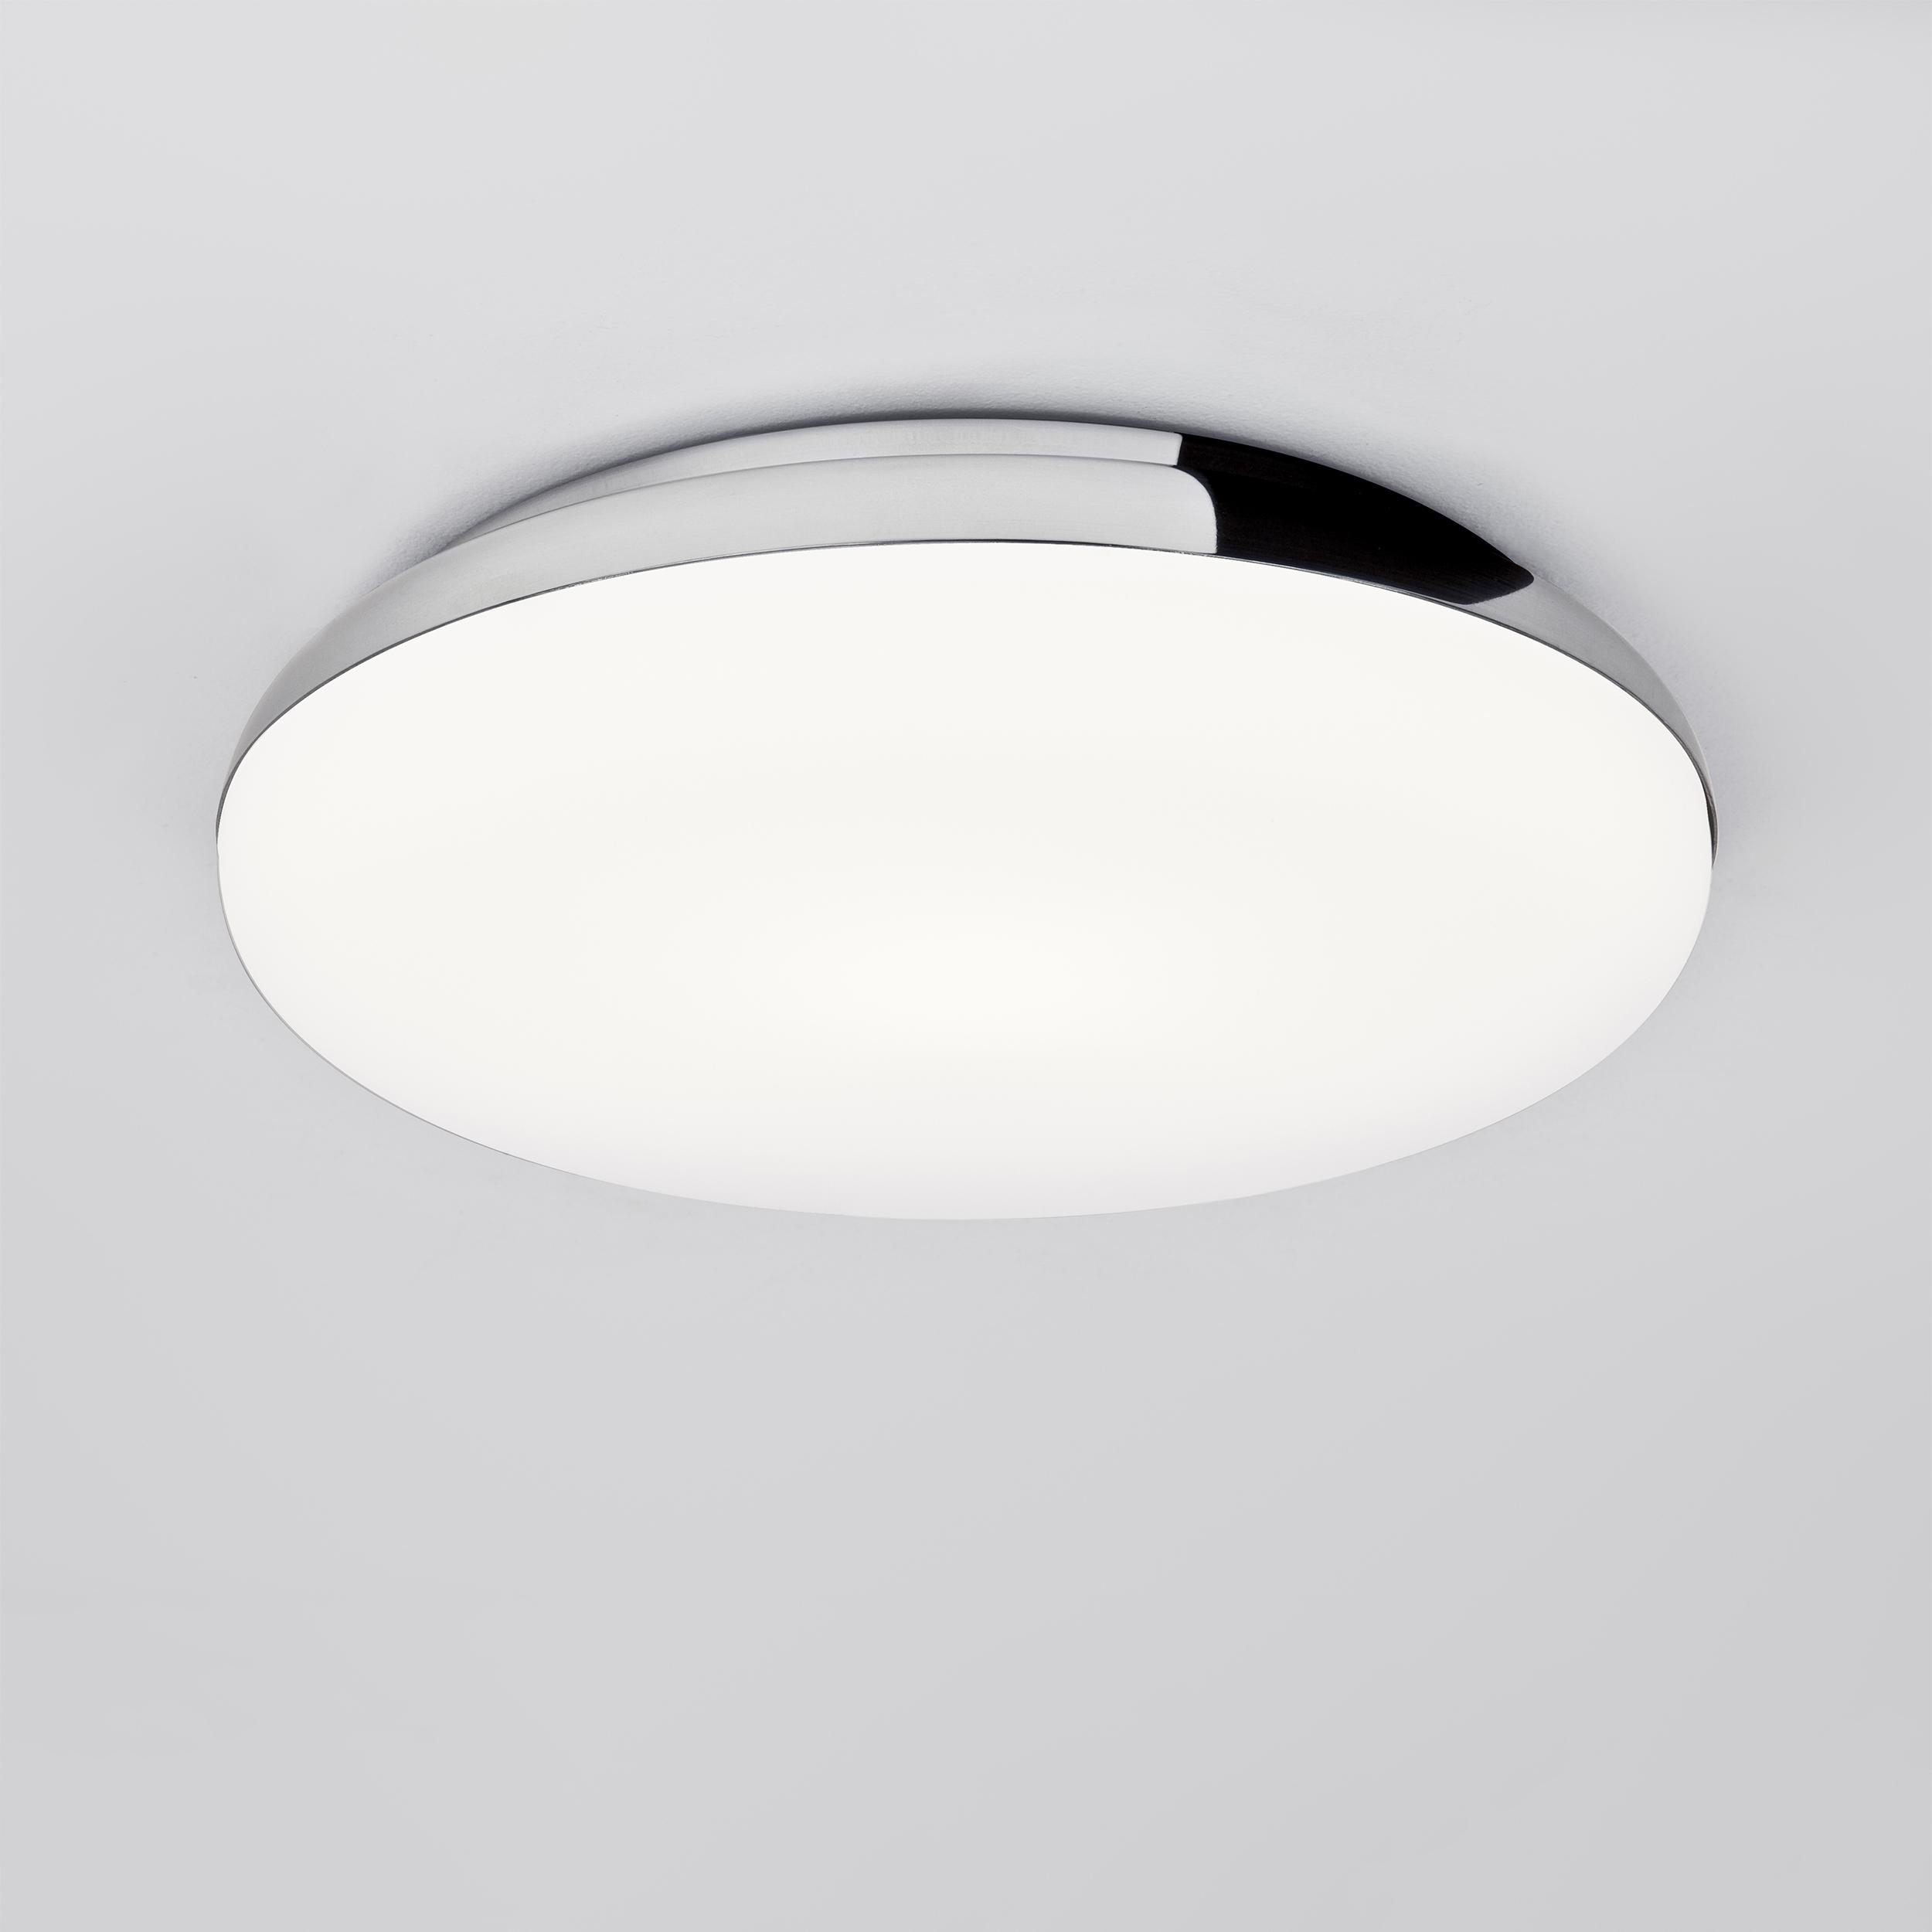 Потолочный светодиодный светильник Astro Altea 1133007 (8047), IP44, LED 15,6W 2700K 673lm CRI>80, хром, белый, металл, стекло - фото 1